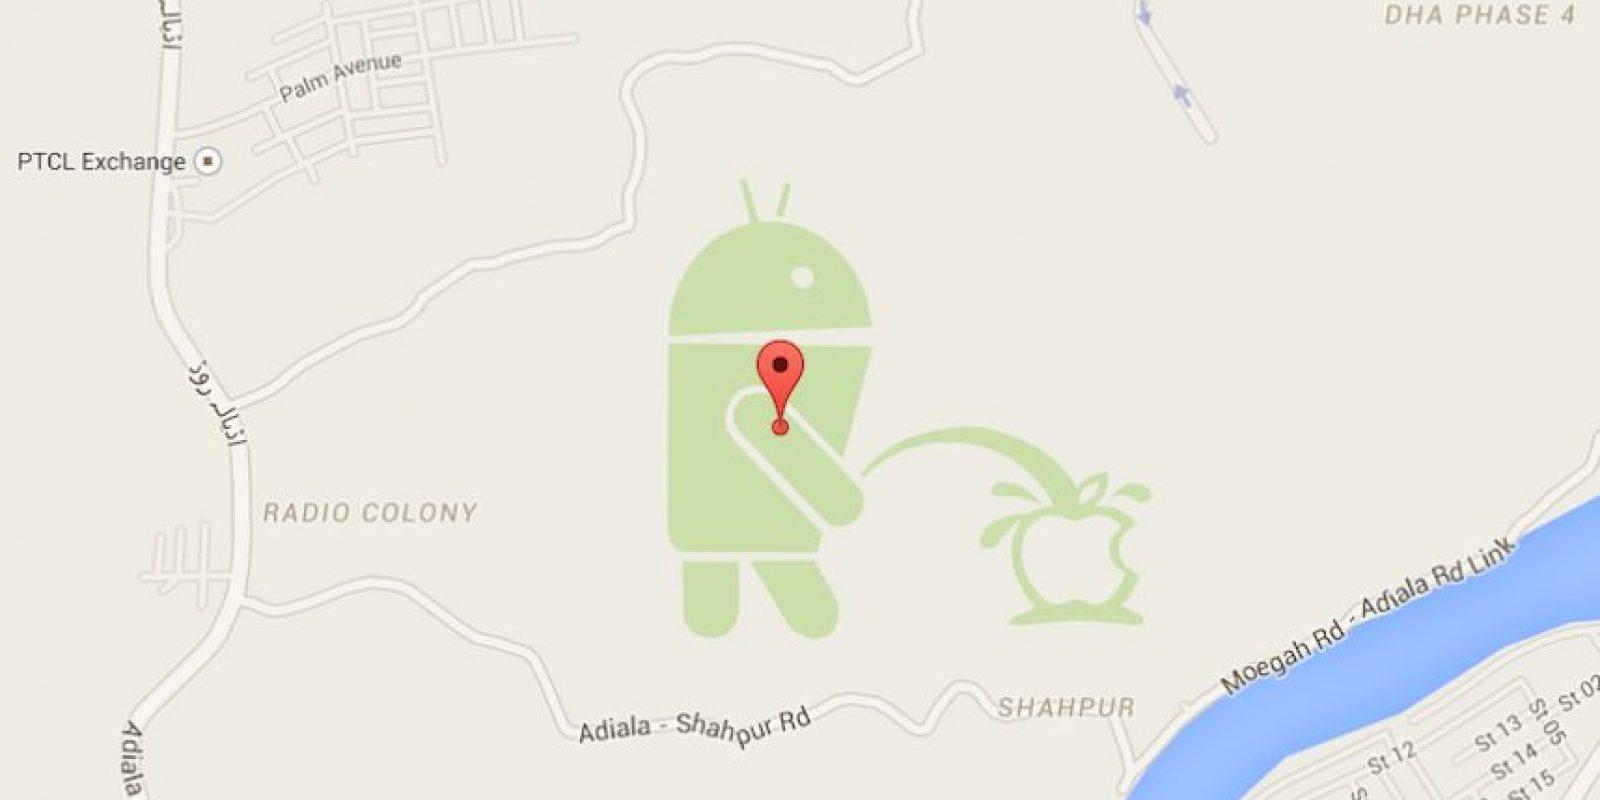 Google informó que borrará la figura lo más pronto posible Foto:Google Maps